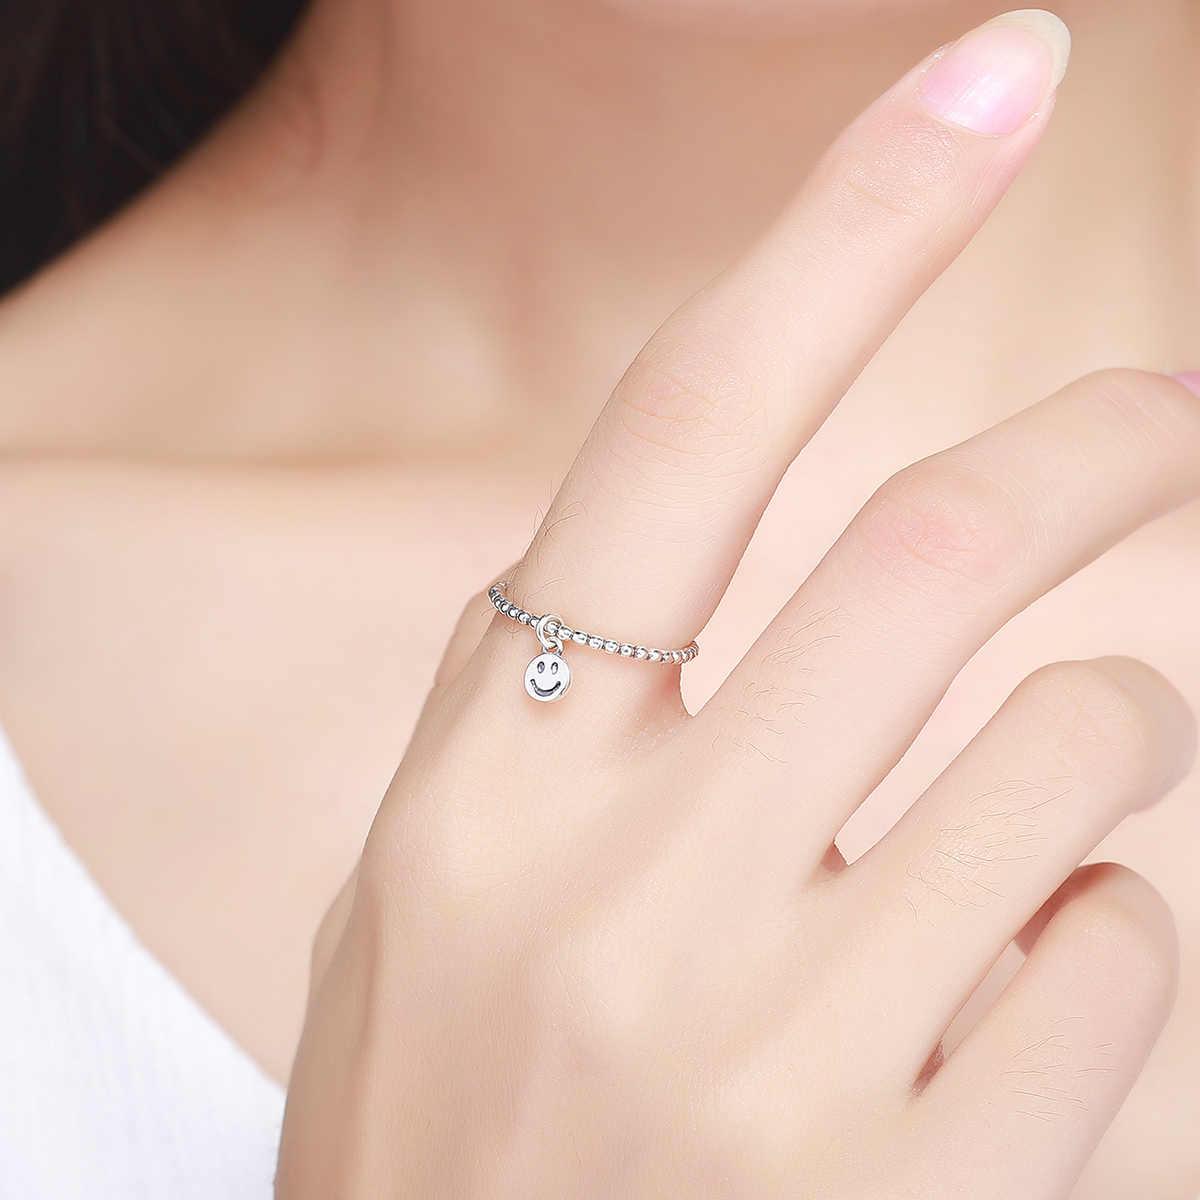 925 серебряных колец для женщин, модное серебряное кольцо со смайликом, женское Ювелирное Украшение для рождественской вечеринки, DAFANYU SCR147